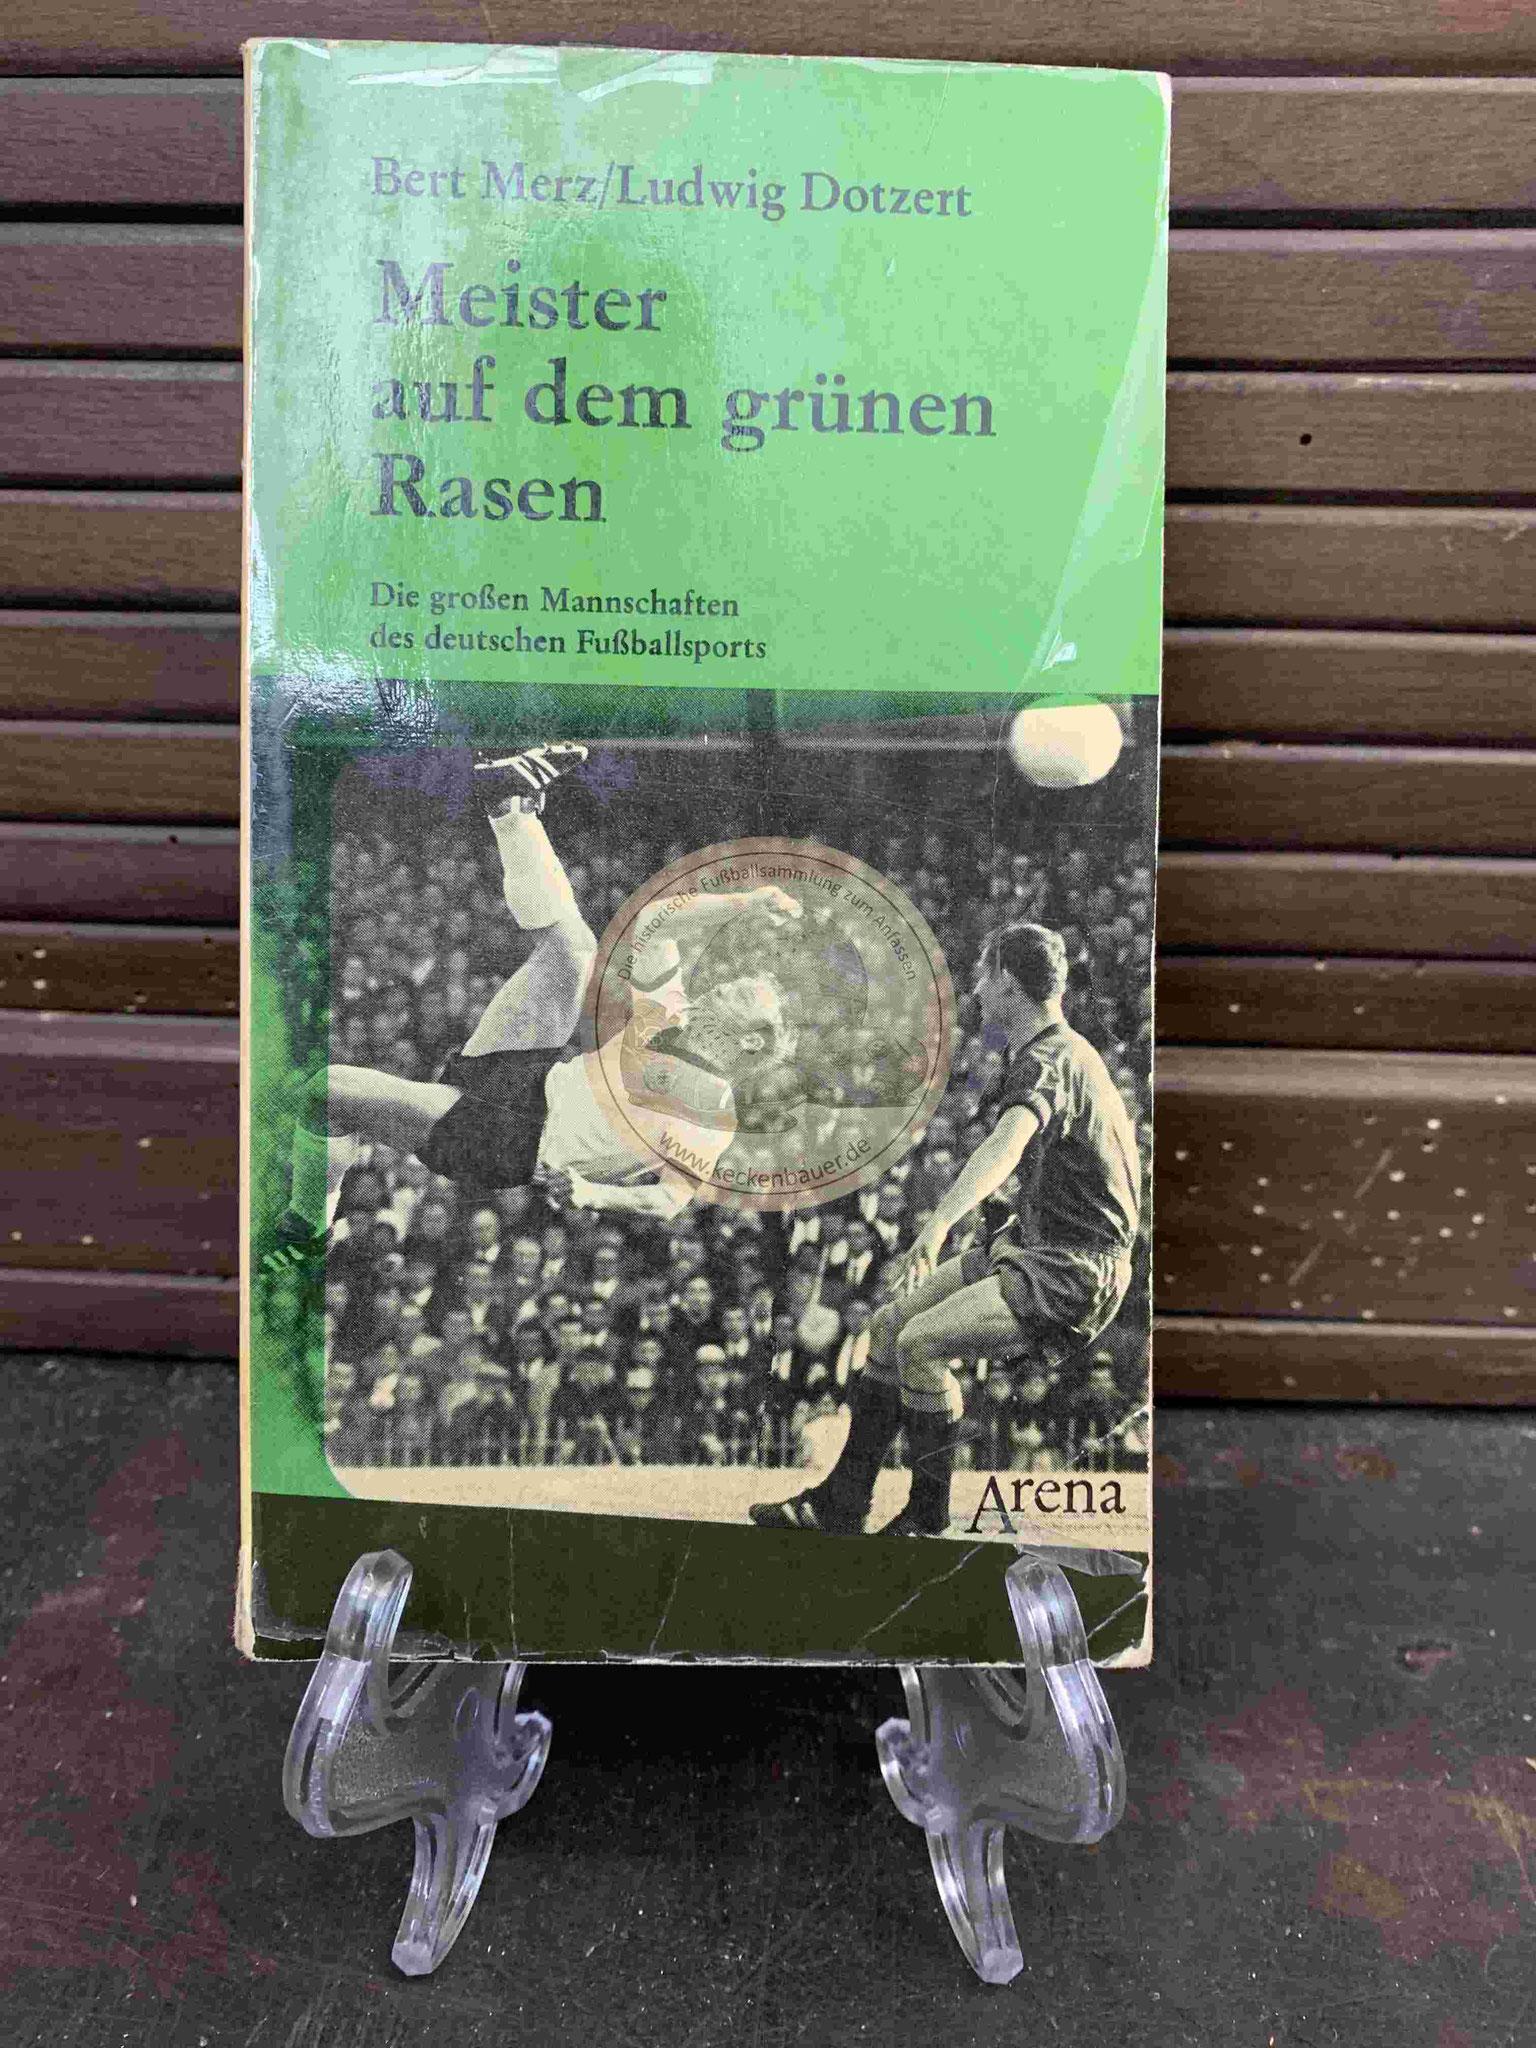 Bert Merz und Ludwig Dotiert Meister auf dem grünen Rasen aus dem Jahr 1969